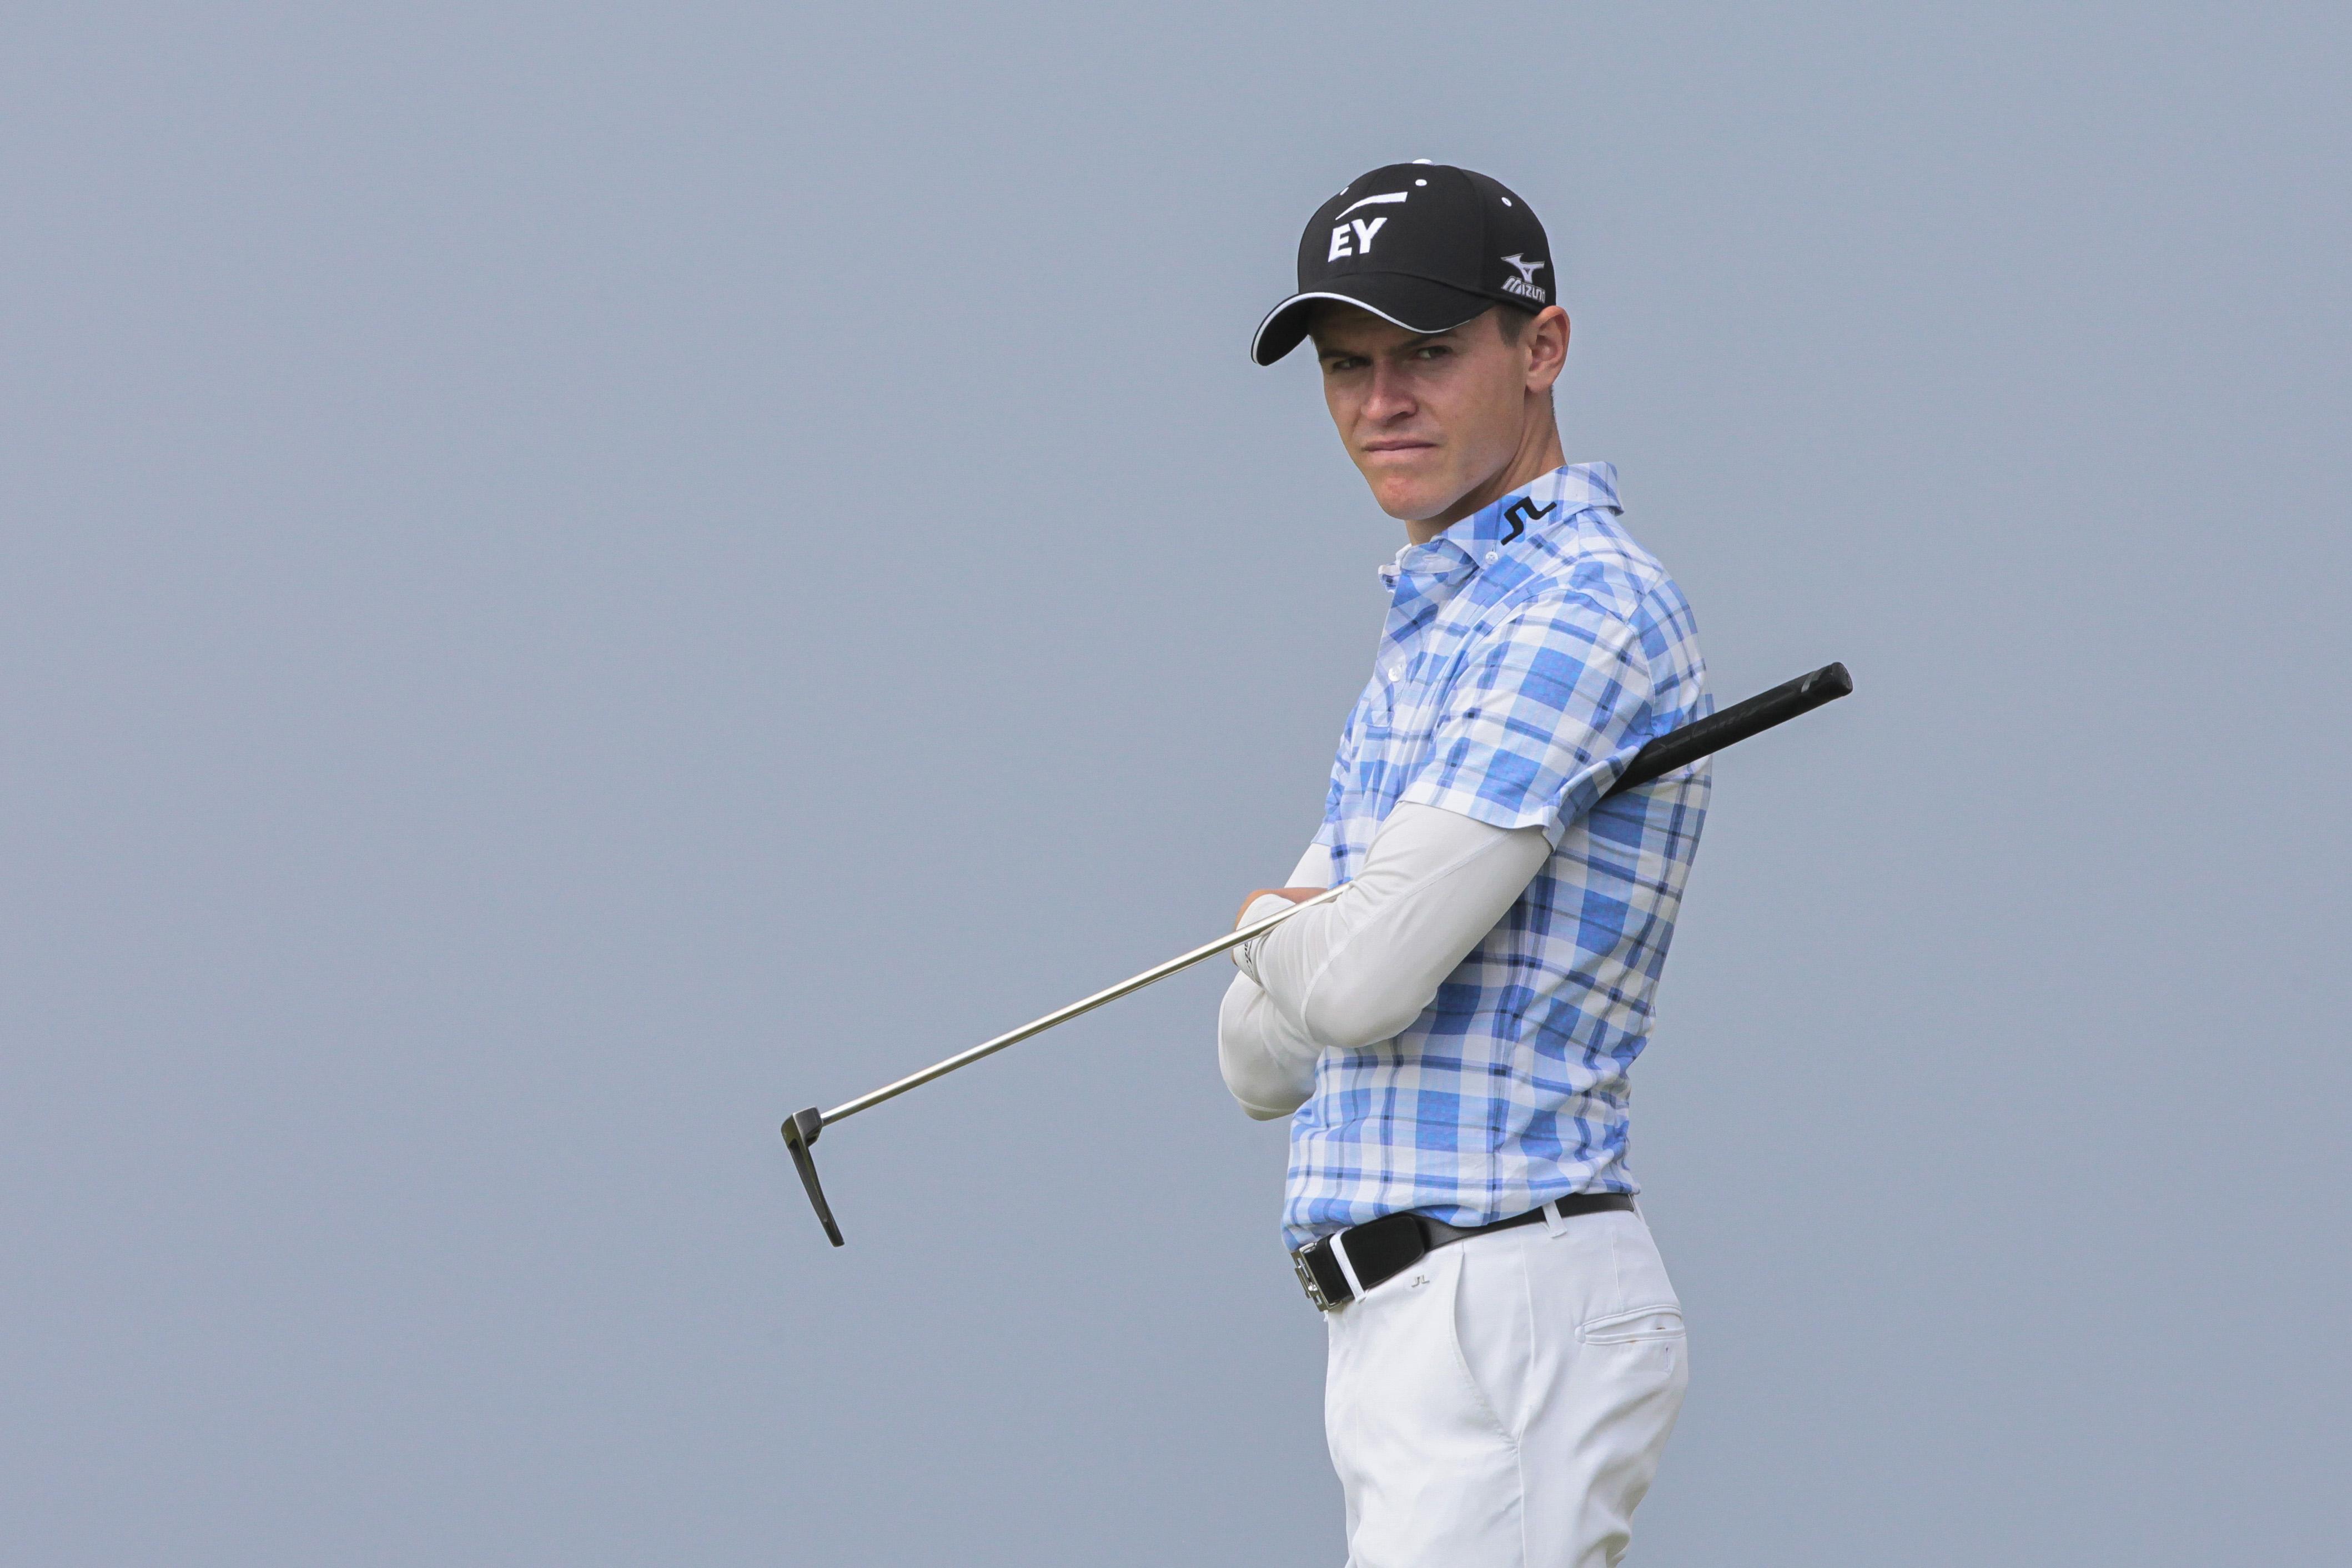 Huizing over experiment: 'Meer variatie in golf is goed'